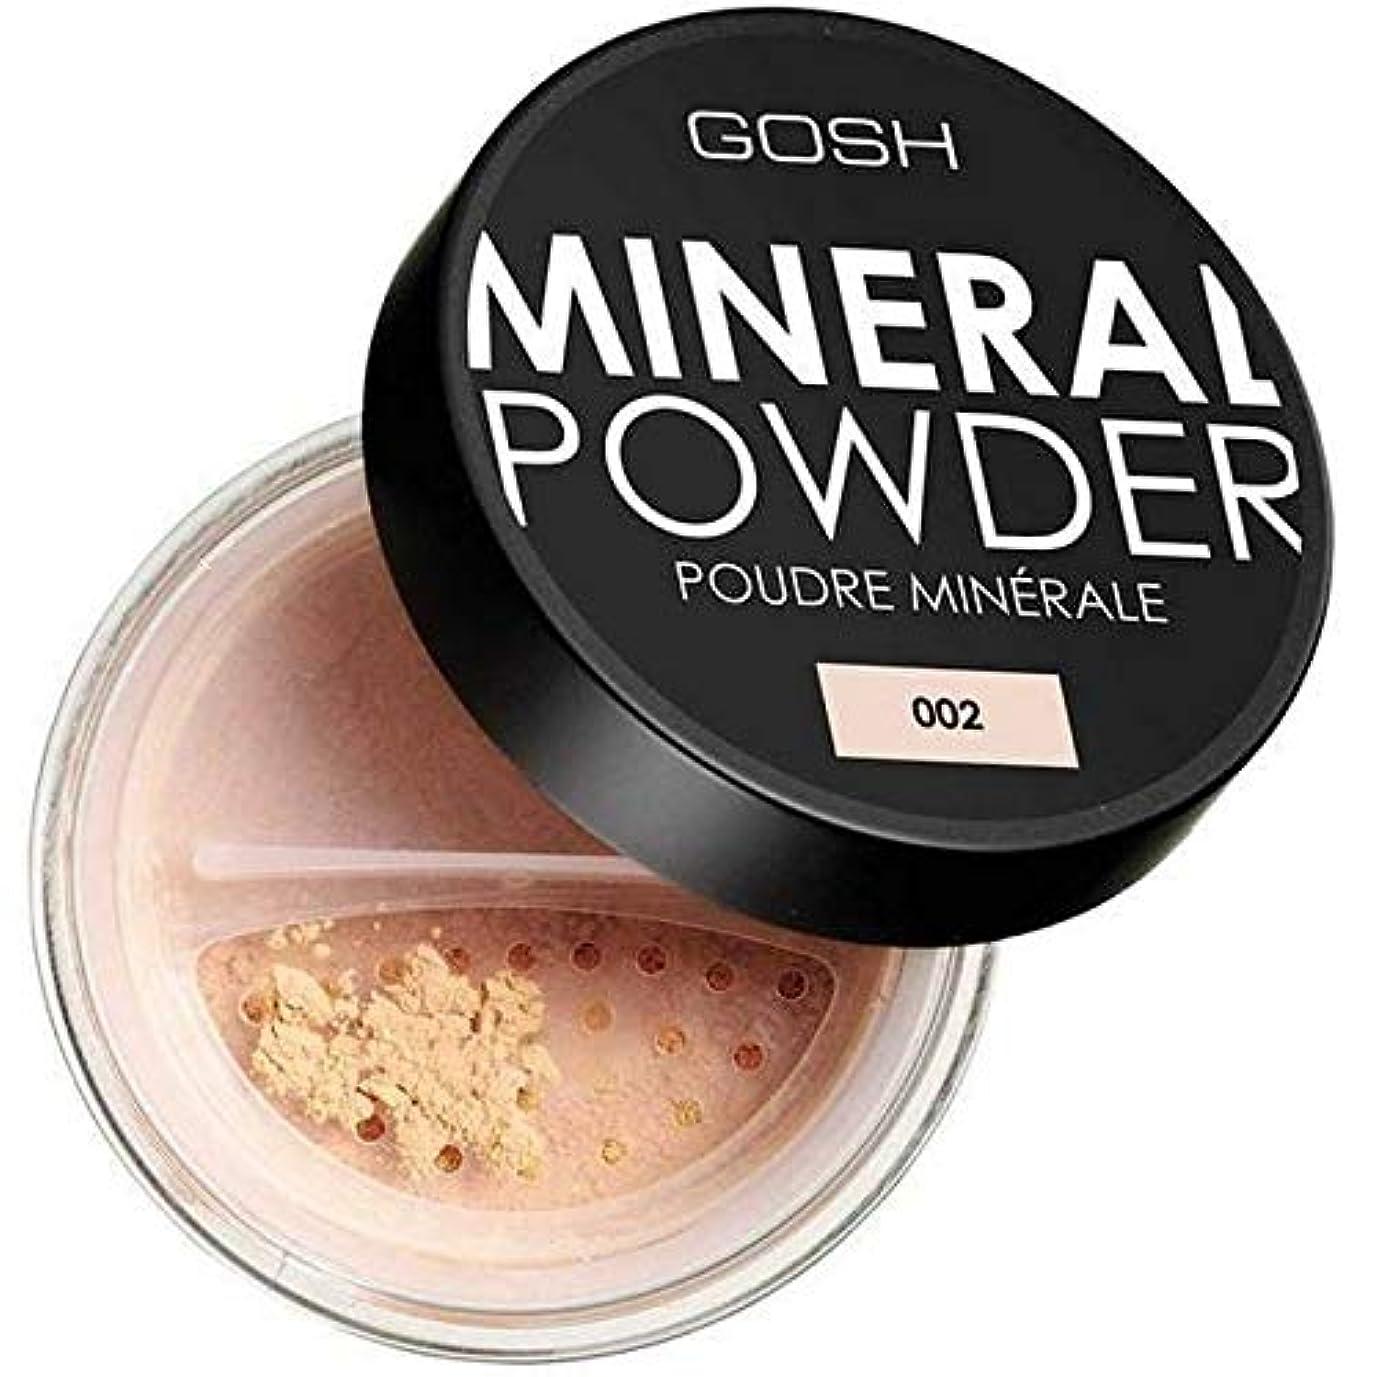 学者ダウンれんが[GOSH ] おやっミネラルフルカバーファンデーションパウダーアイボリー002 - GOSH Mineral Full Coverage Foundation Powder Ivory 002 [並行輸入品]